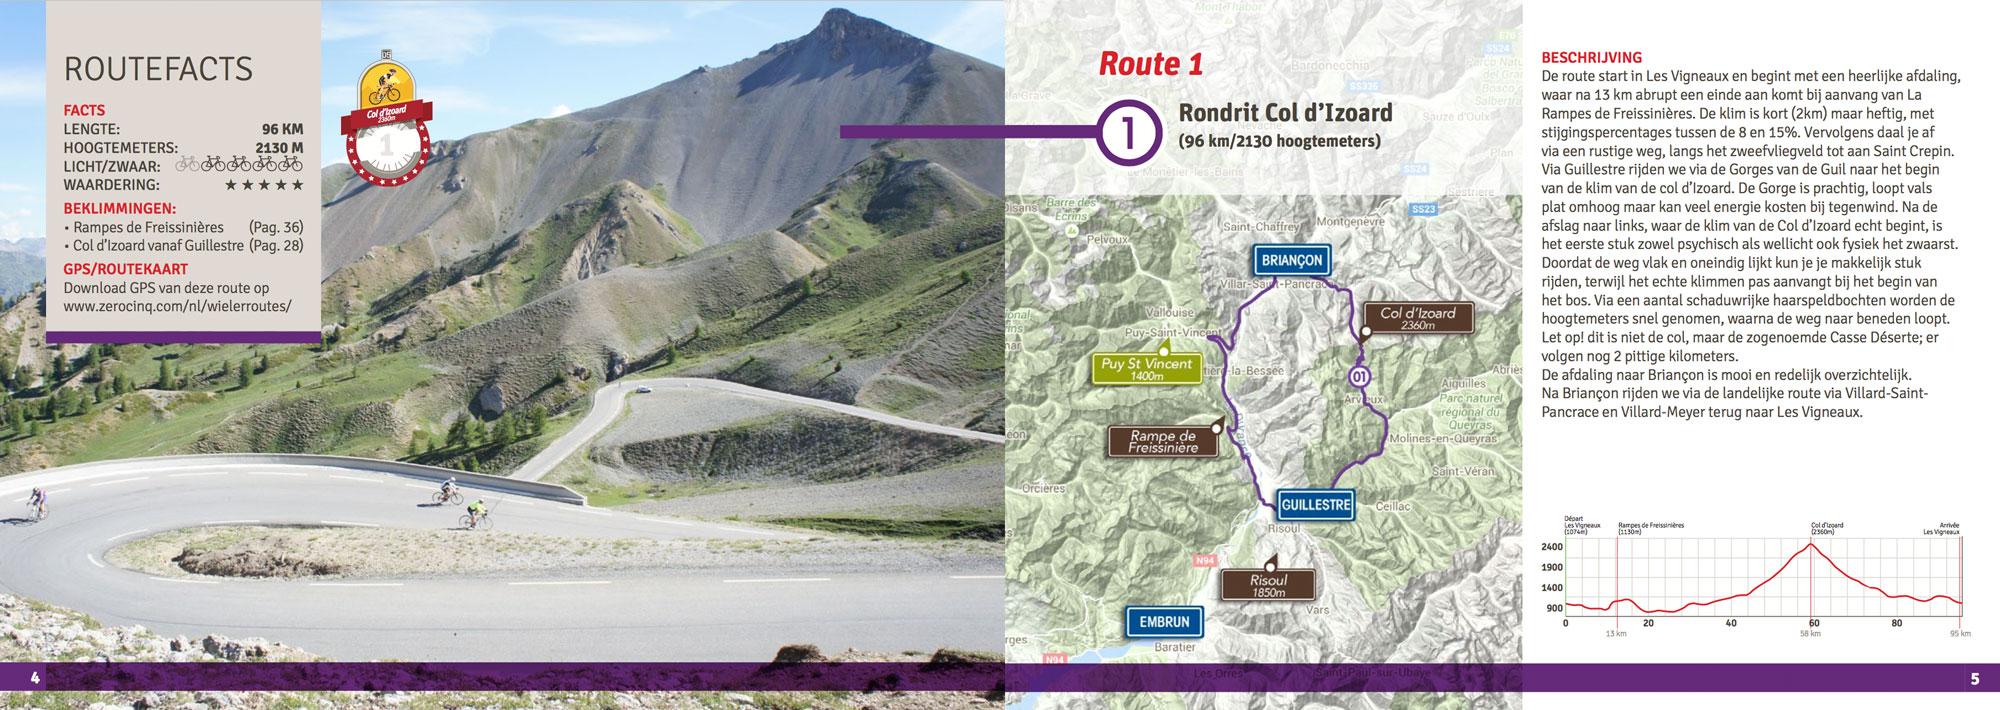 Route 1: Boucle d'Izoard